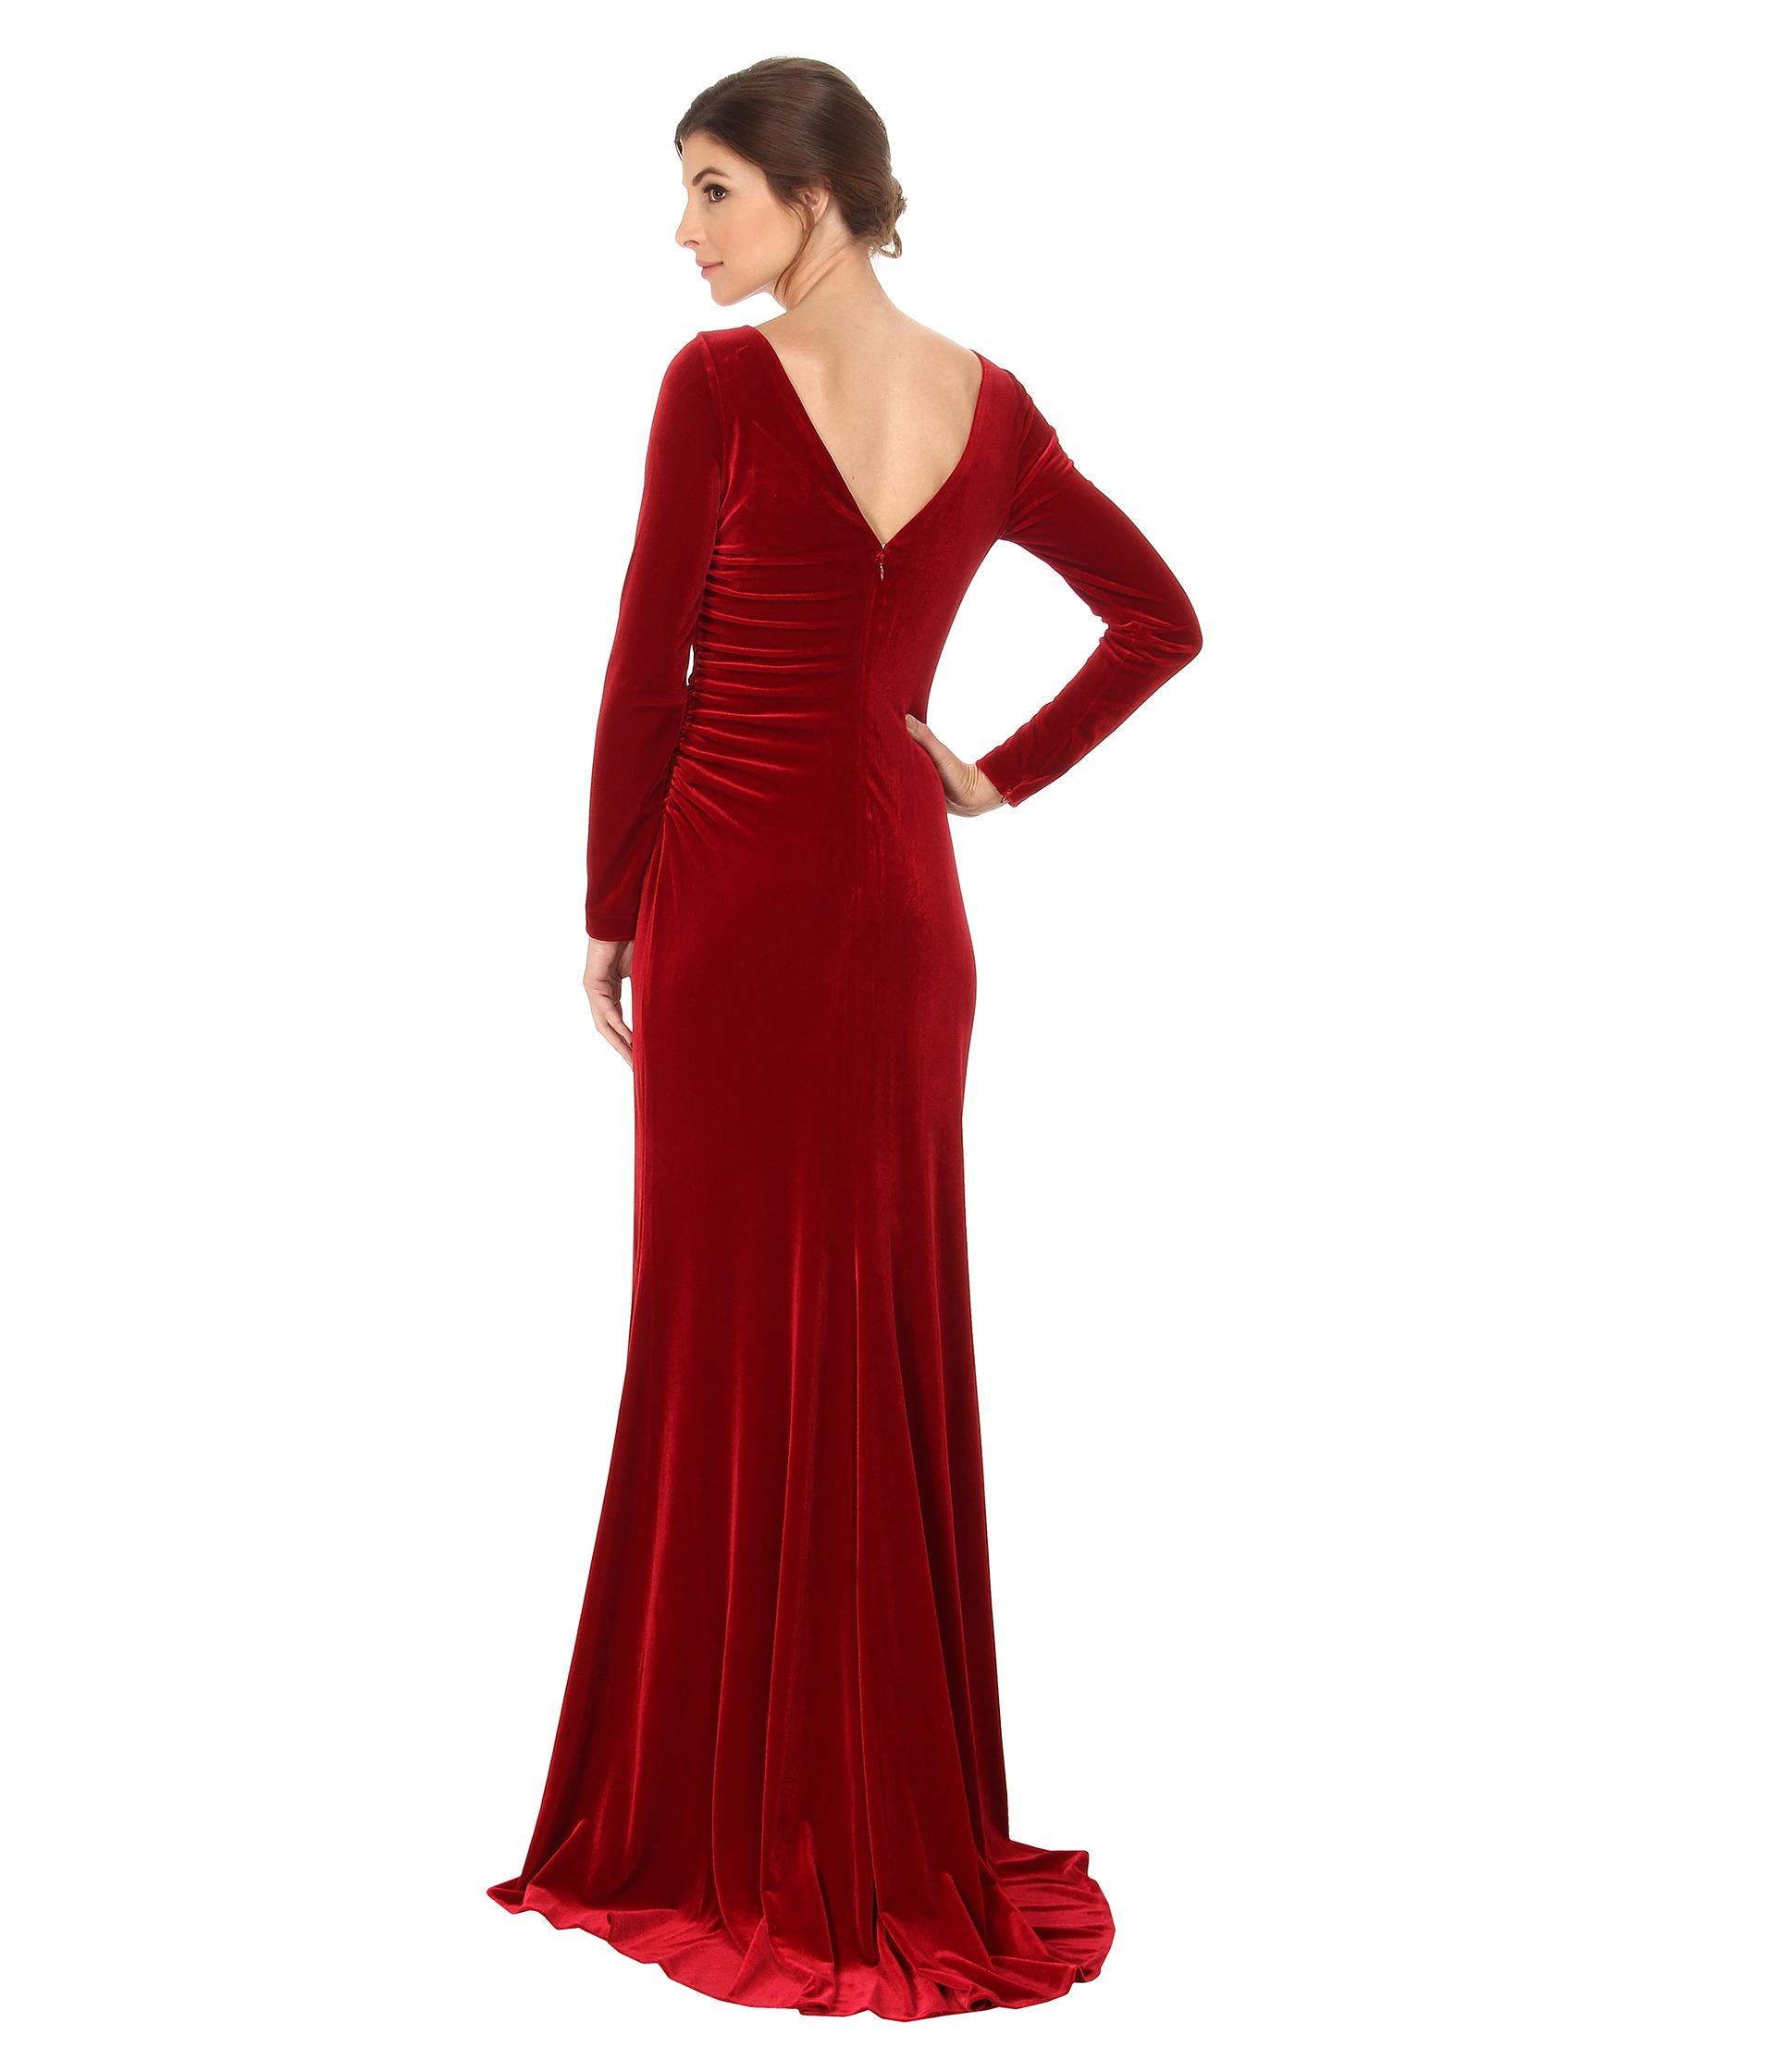 Stretch velvet dress long sleeve